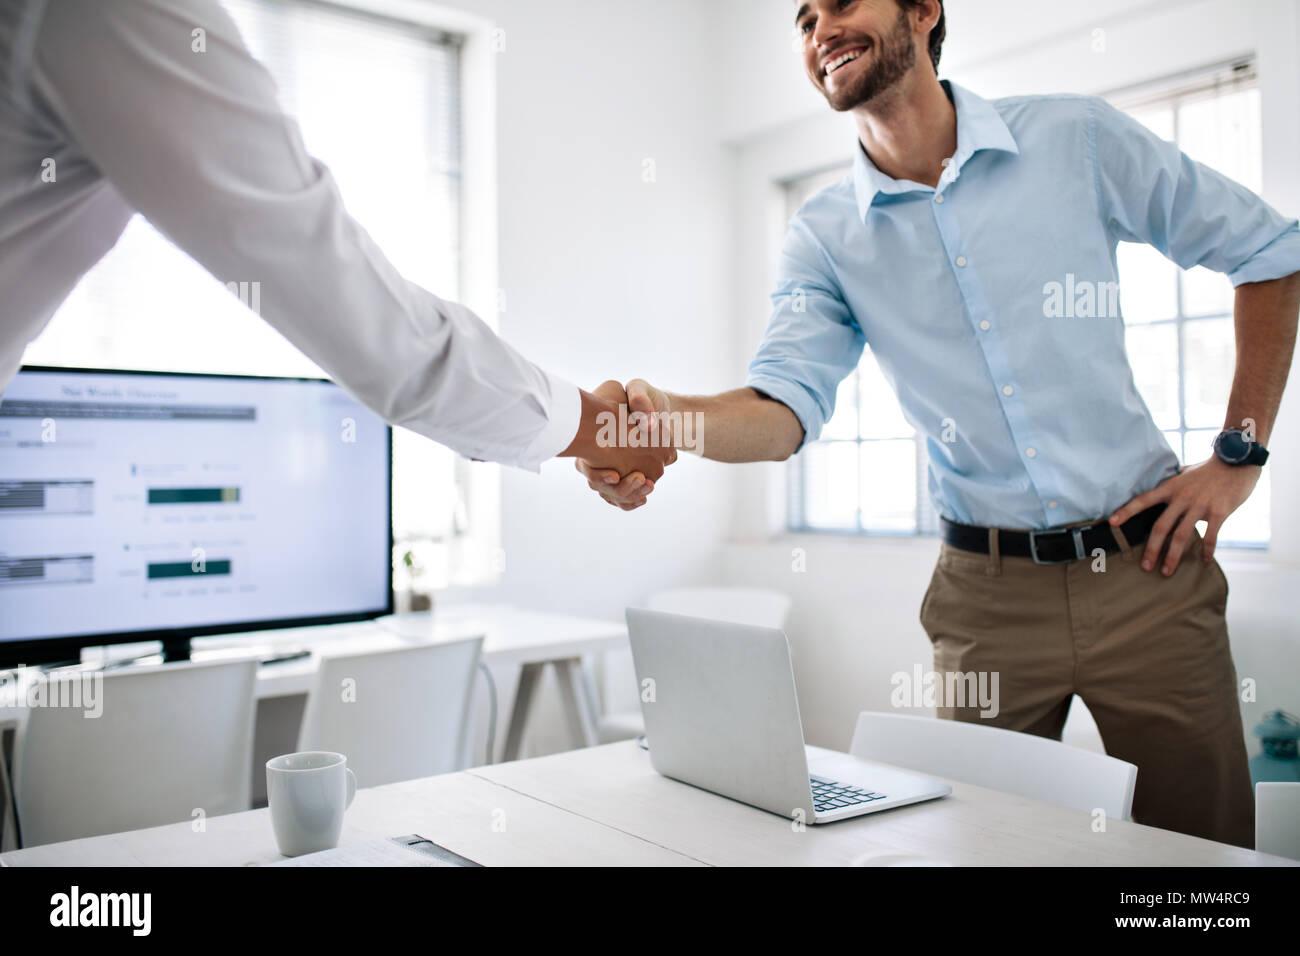 Los compañeros de negocio un apretón de manos en la mesa de conferencias. Empresario feliz saludo colega en la sala de reunión. Imagen De Stock